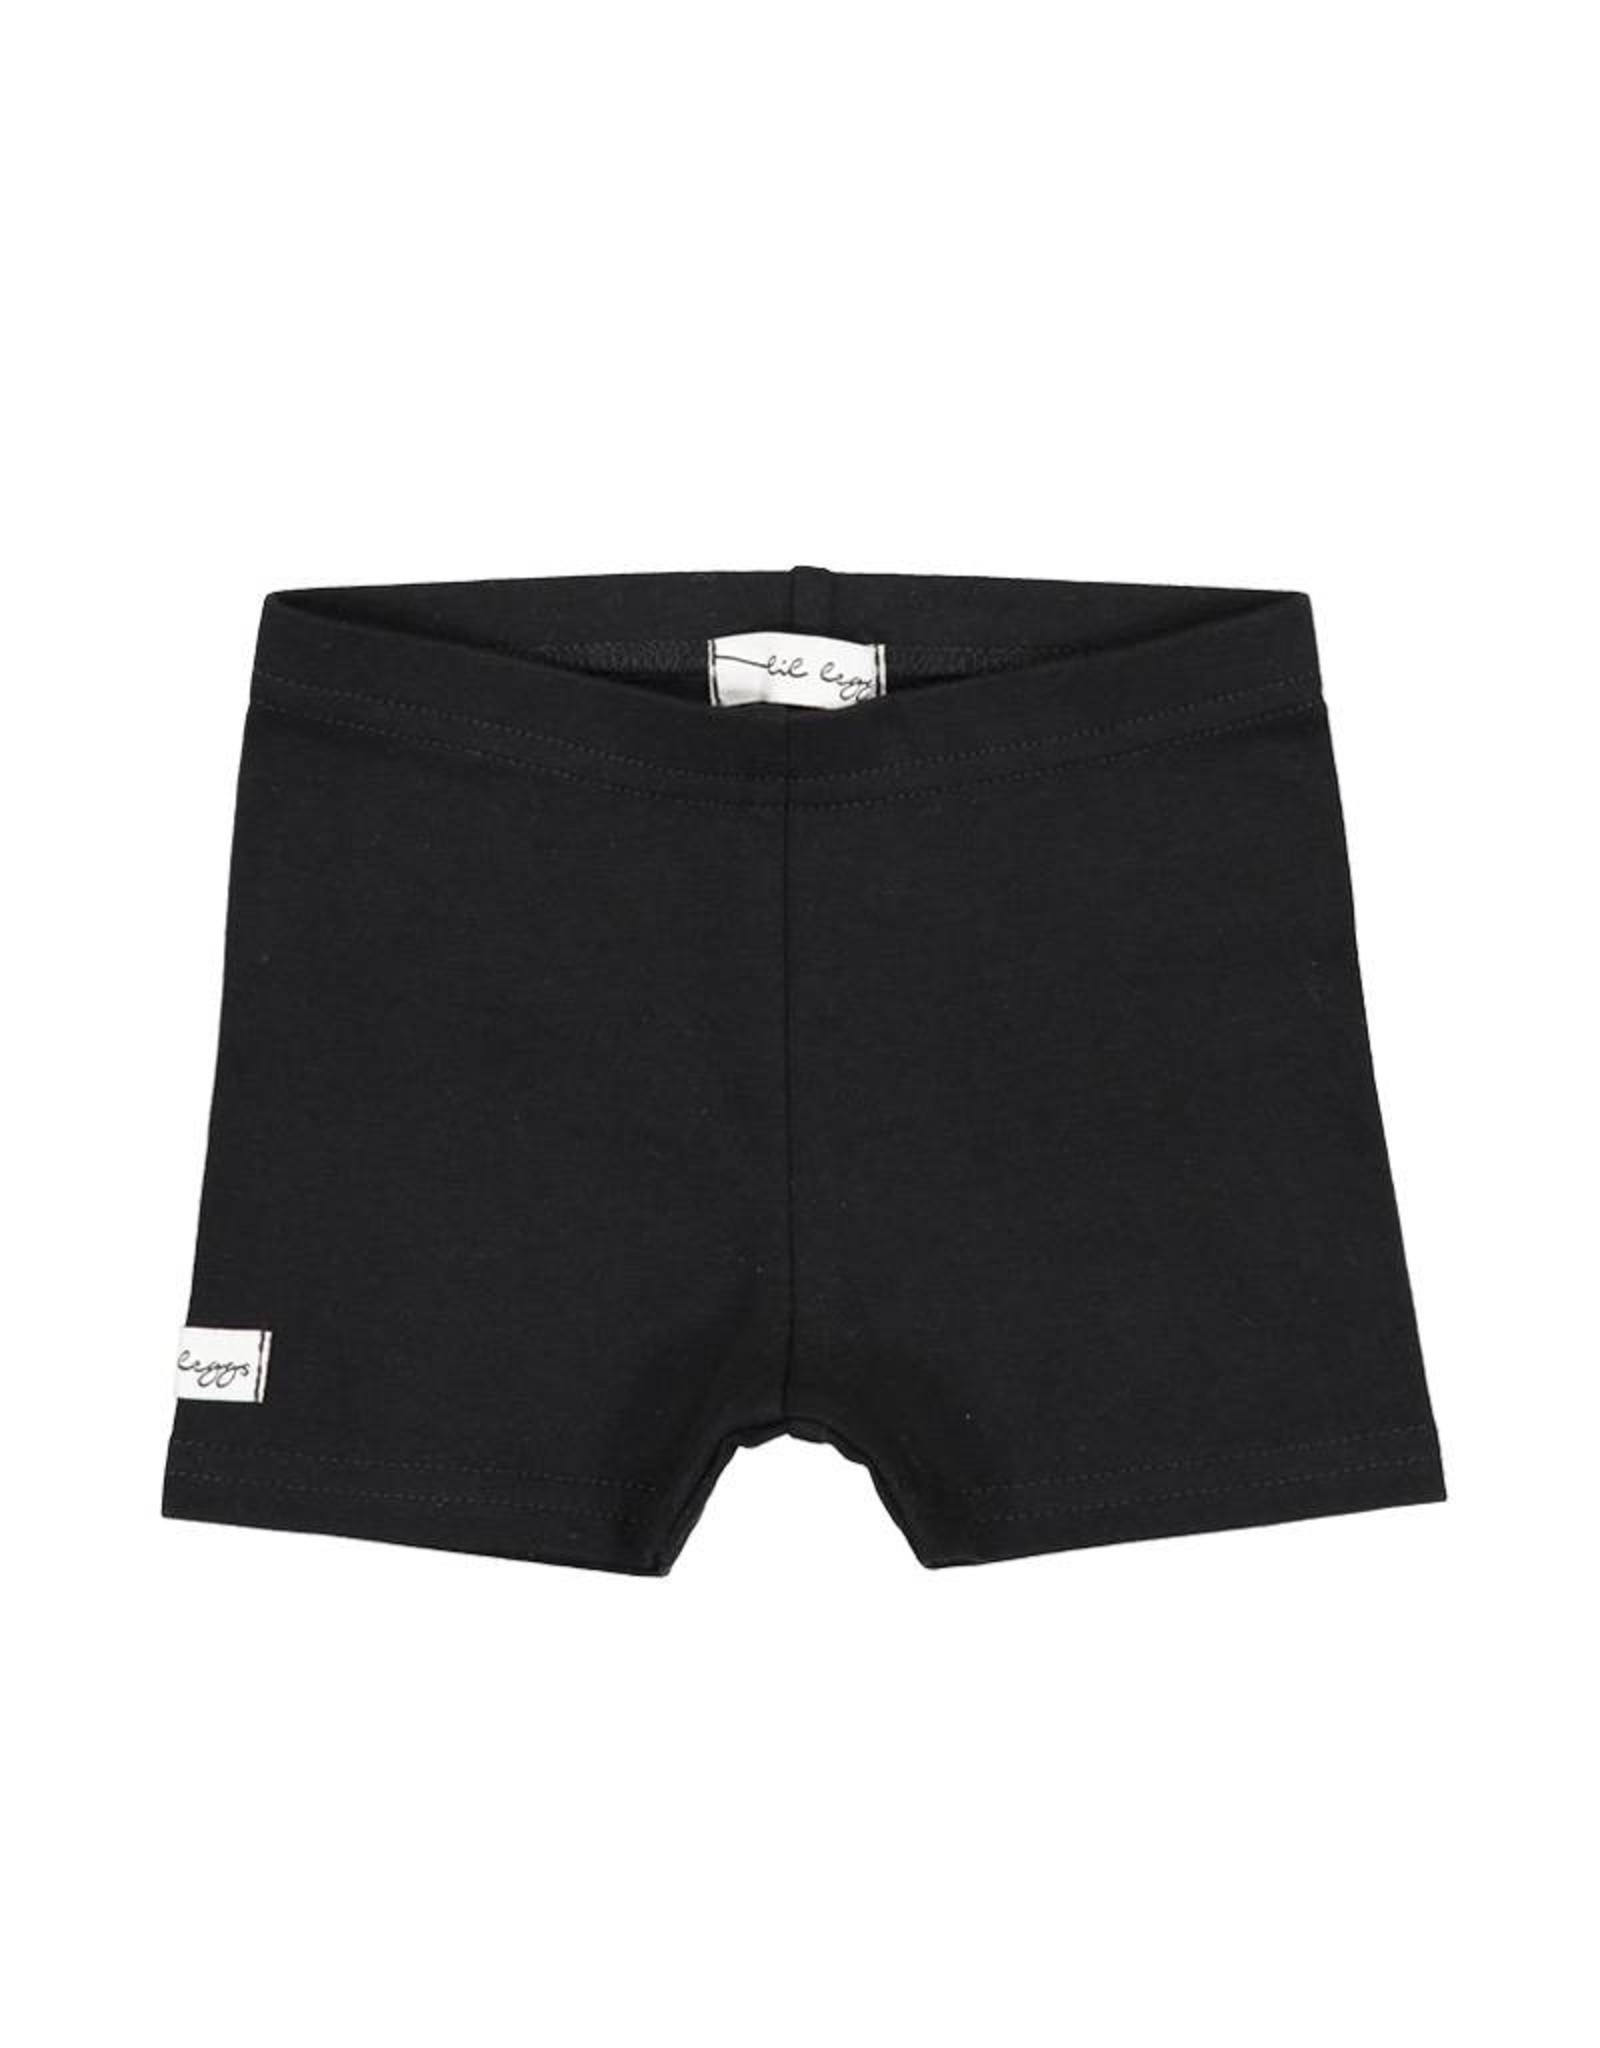 LIL LEGS SS20 Biker Shorts